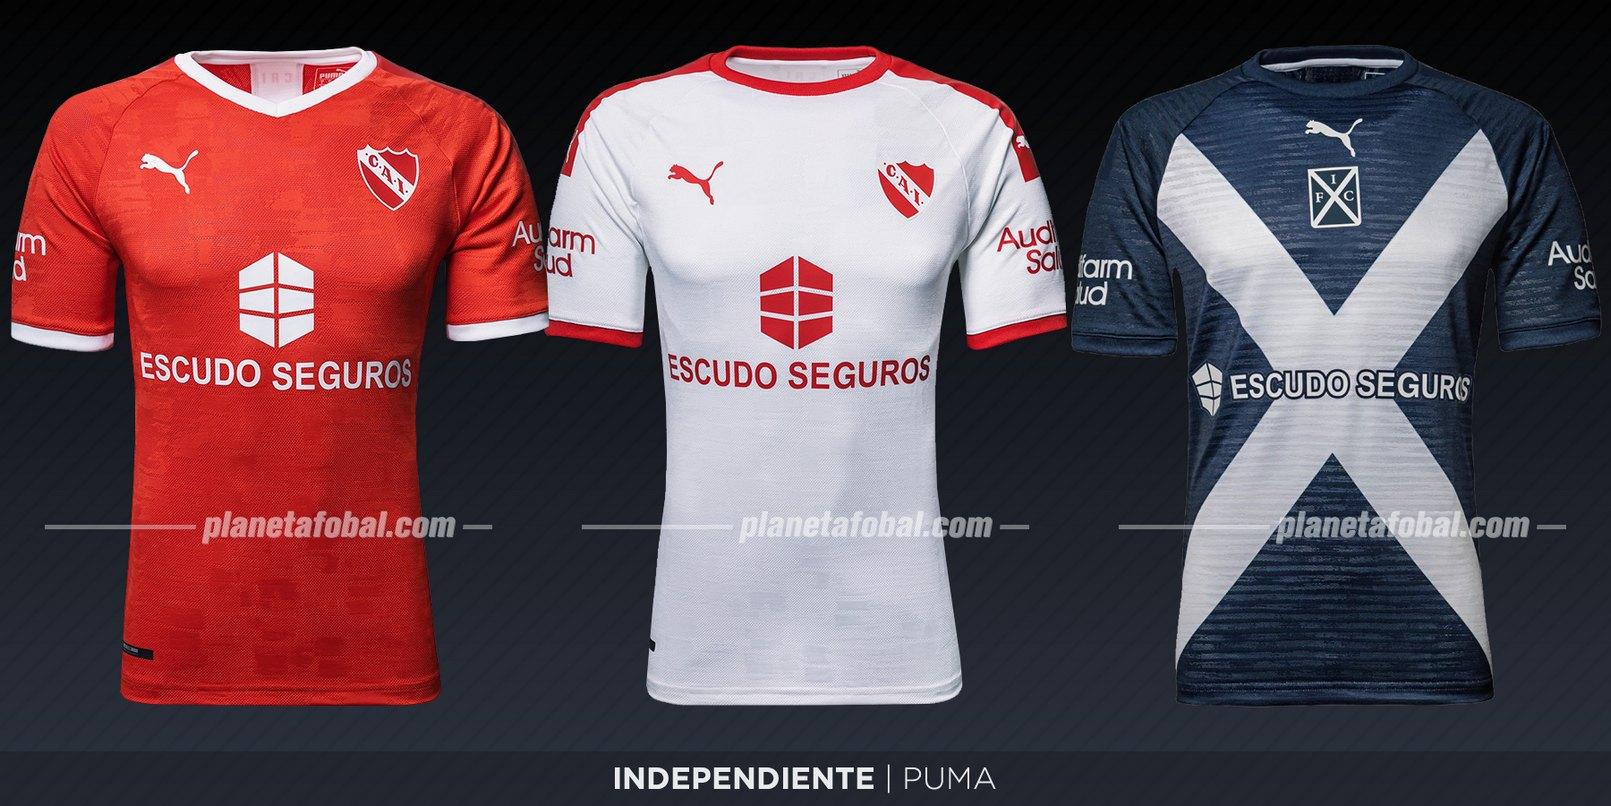 Indpendiente (Puma) | Camisetas de la Superliga 2019/2020